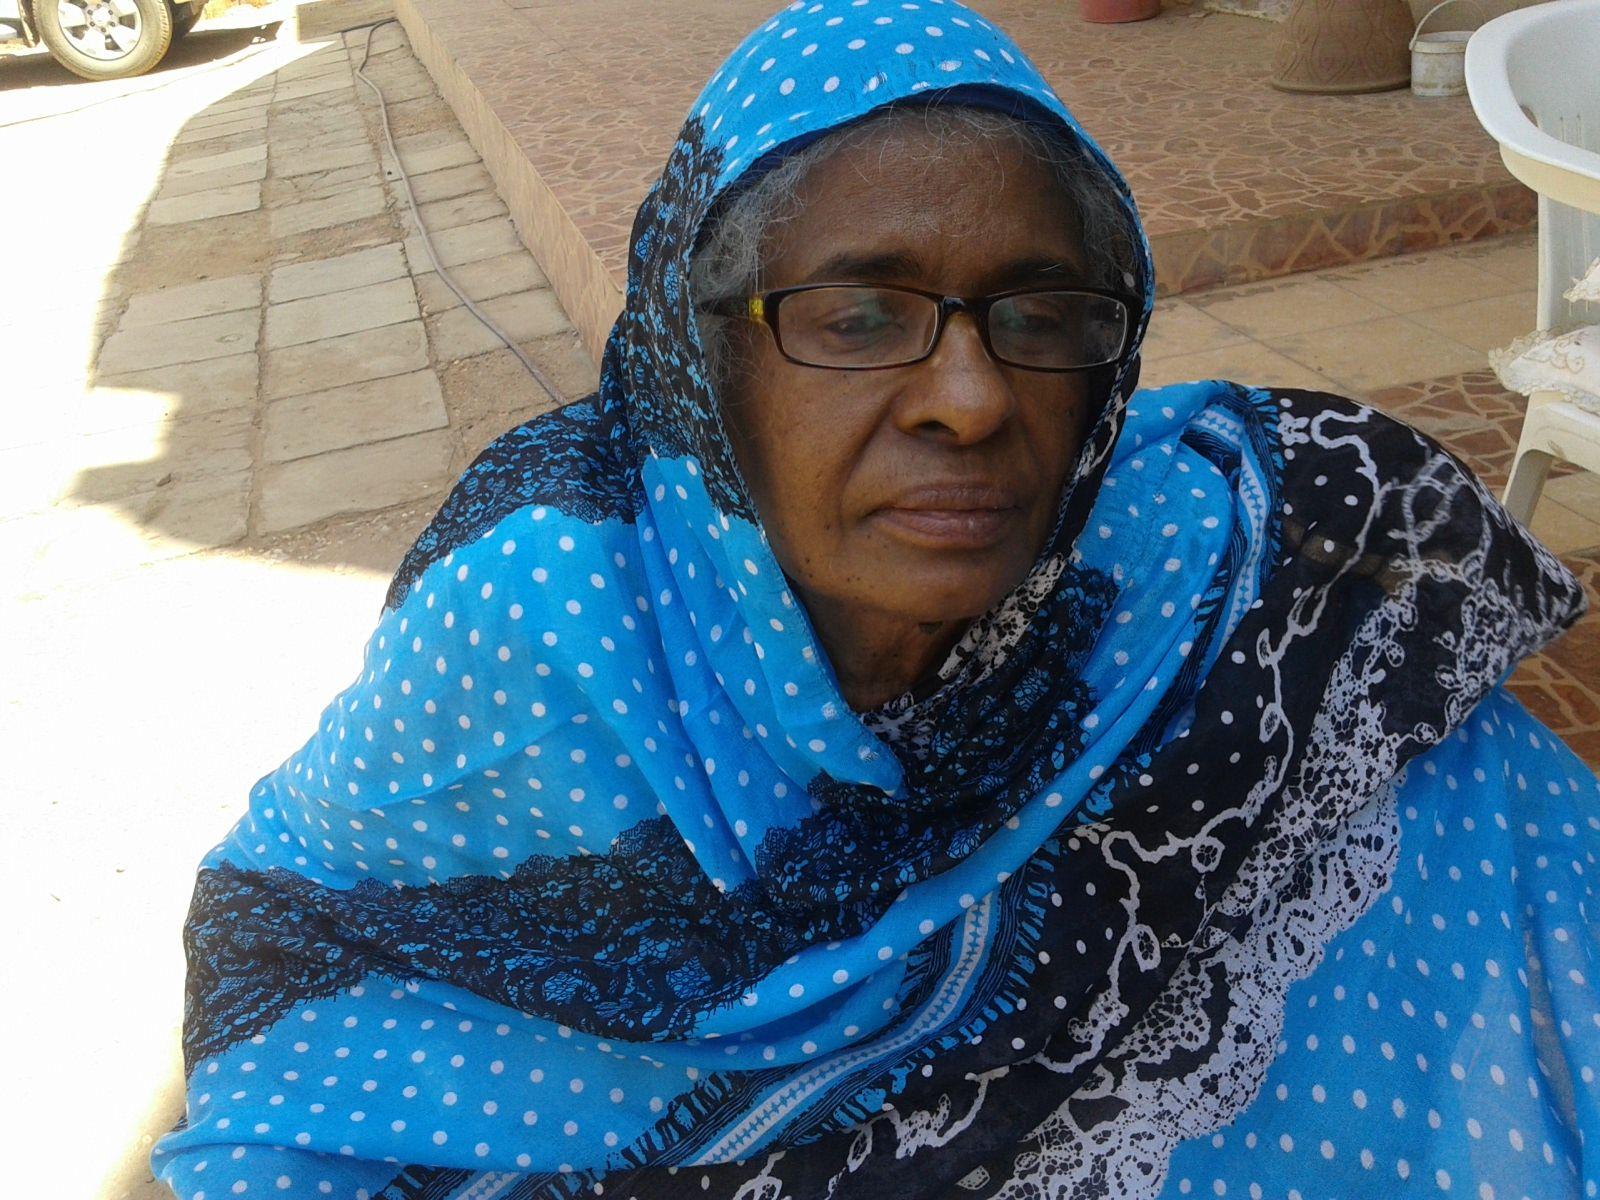 ثريا التهامي: المراة السودانية تعيش ظروف قاسية خاصة في مناطق النزاع